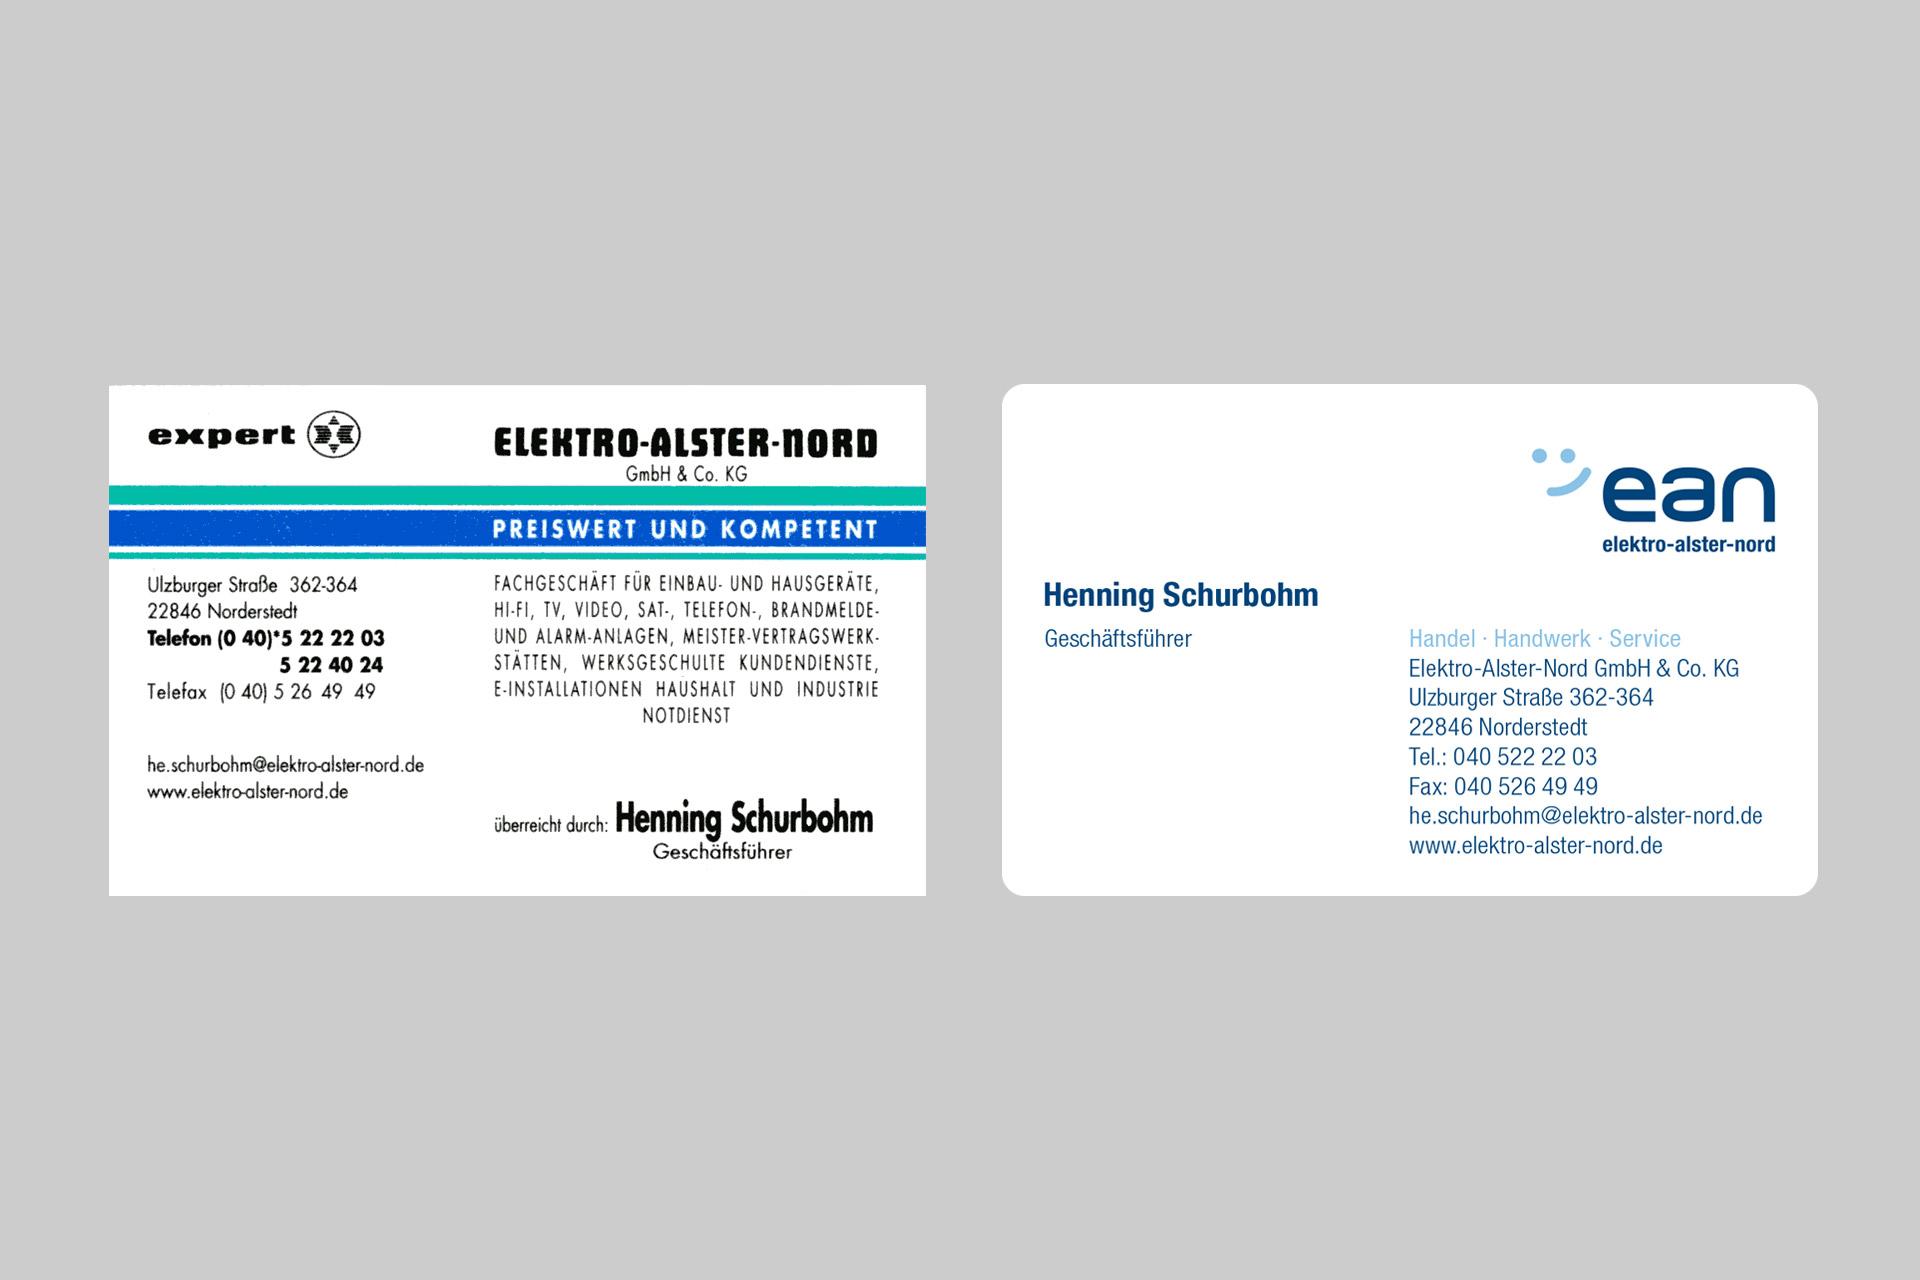 Corporate Design für elektro-alster-nord, Beispiel Visitenkarte vorher-nachher